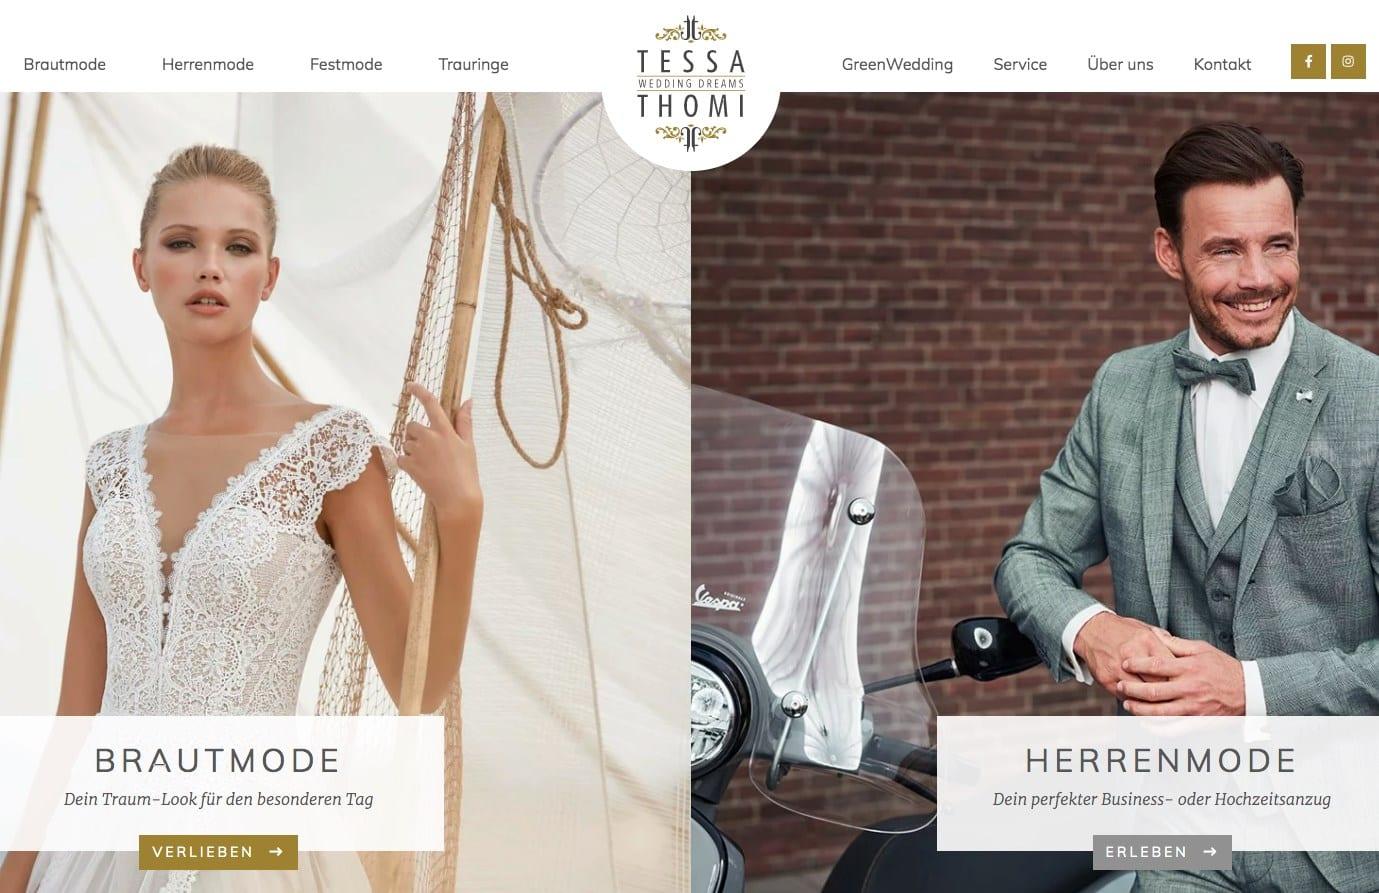 Tessa Thomi Thun Brautkleider Hochzeitsmode Schweiz Referenz